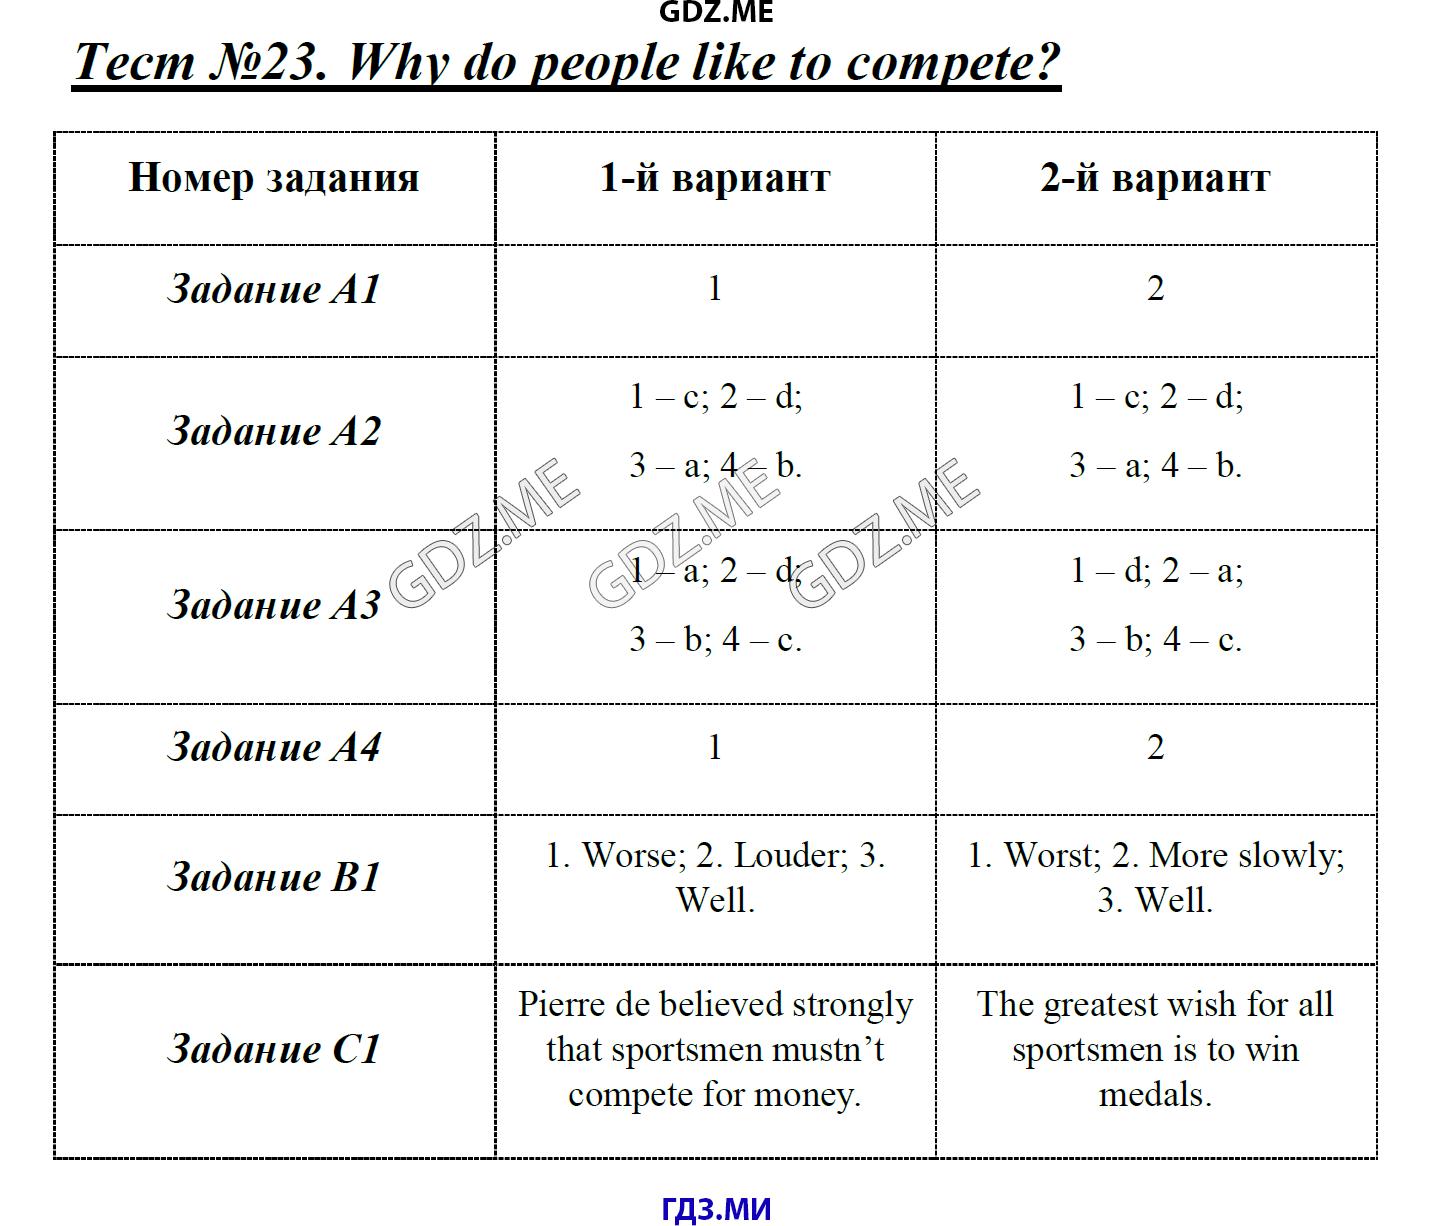 Гдз по английскому 9 класс тест